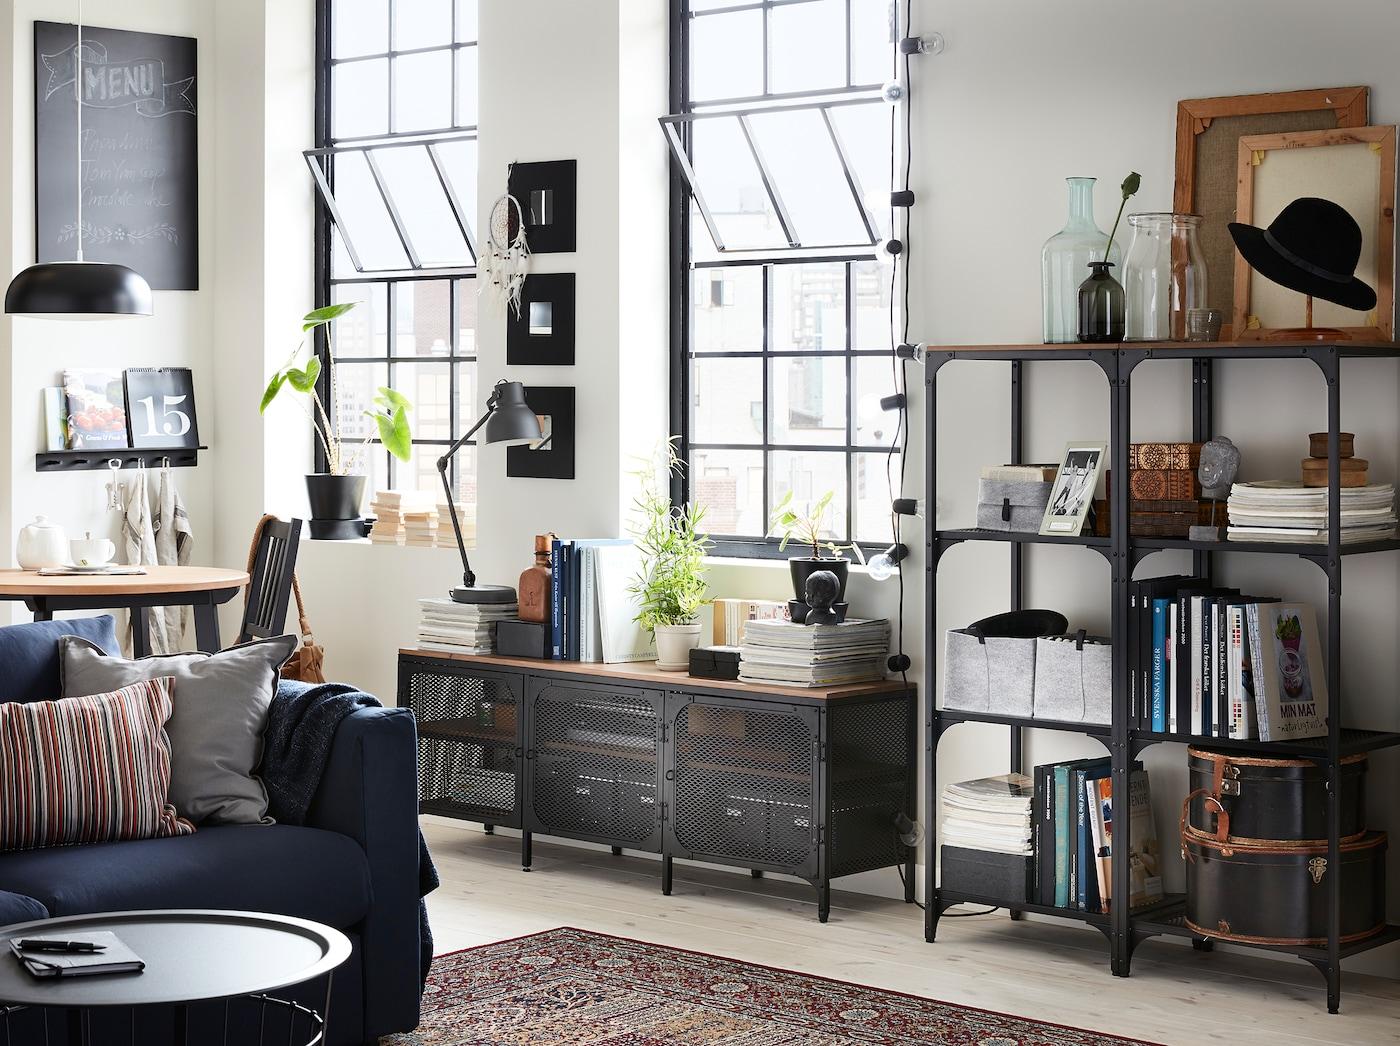 Ikea Chaleureux À La Industriel Brut Et Style Fois doeQxrBWC